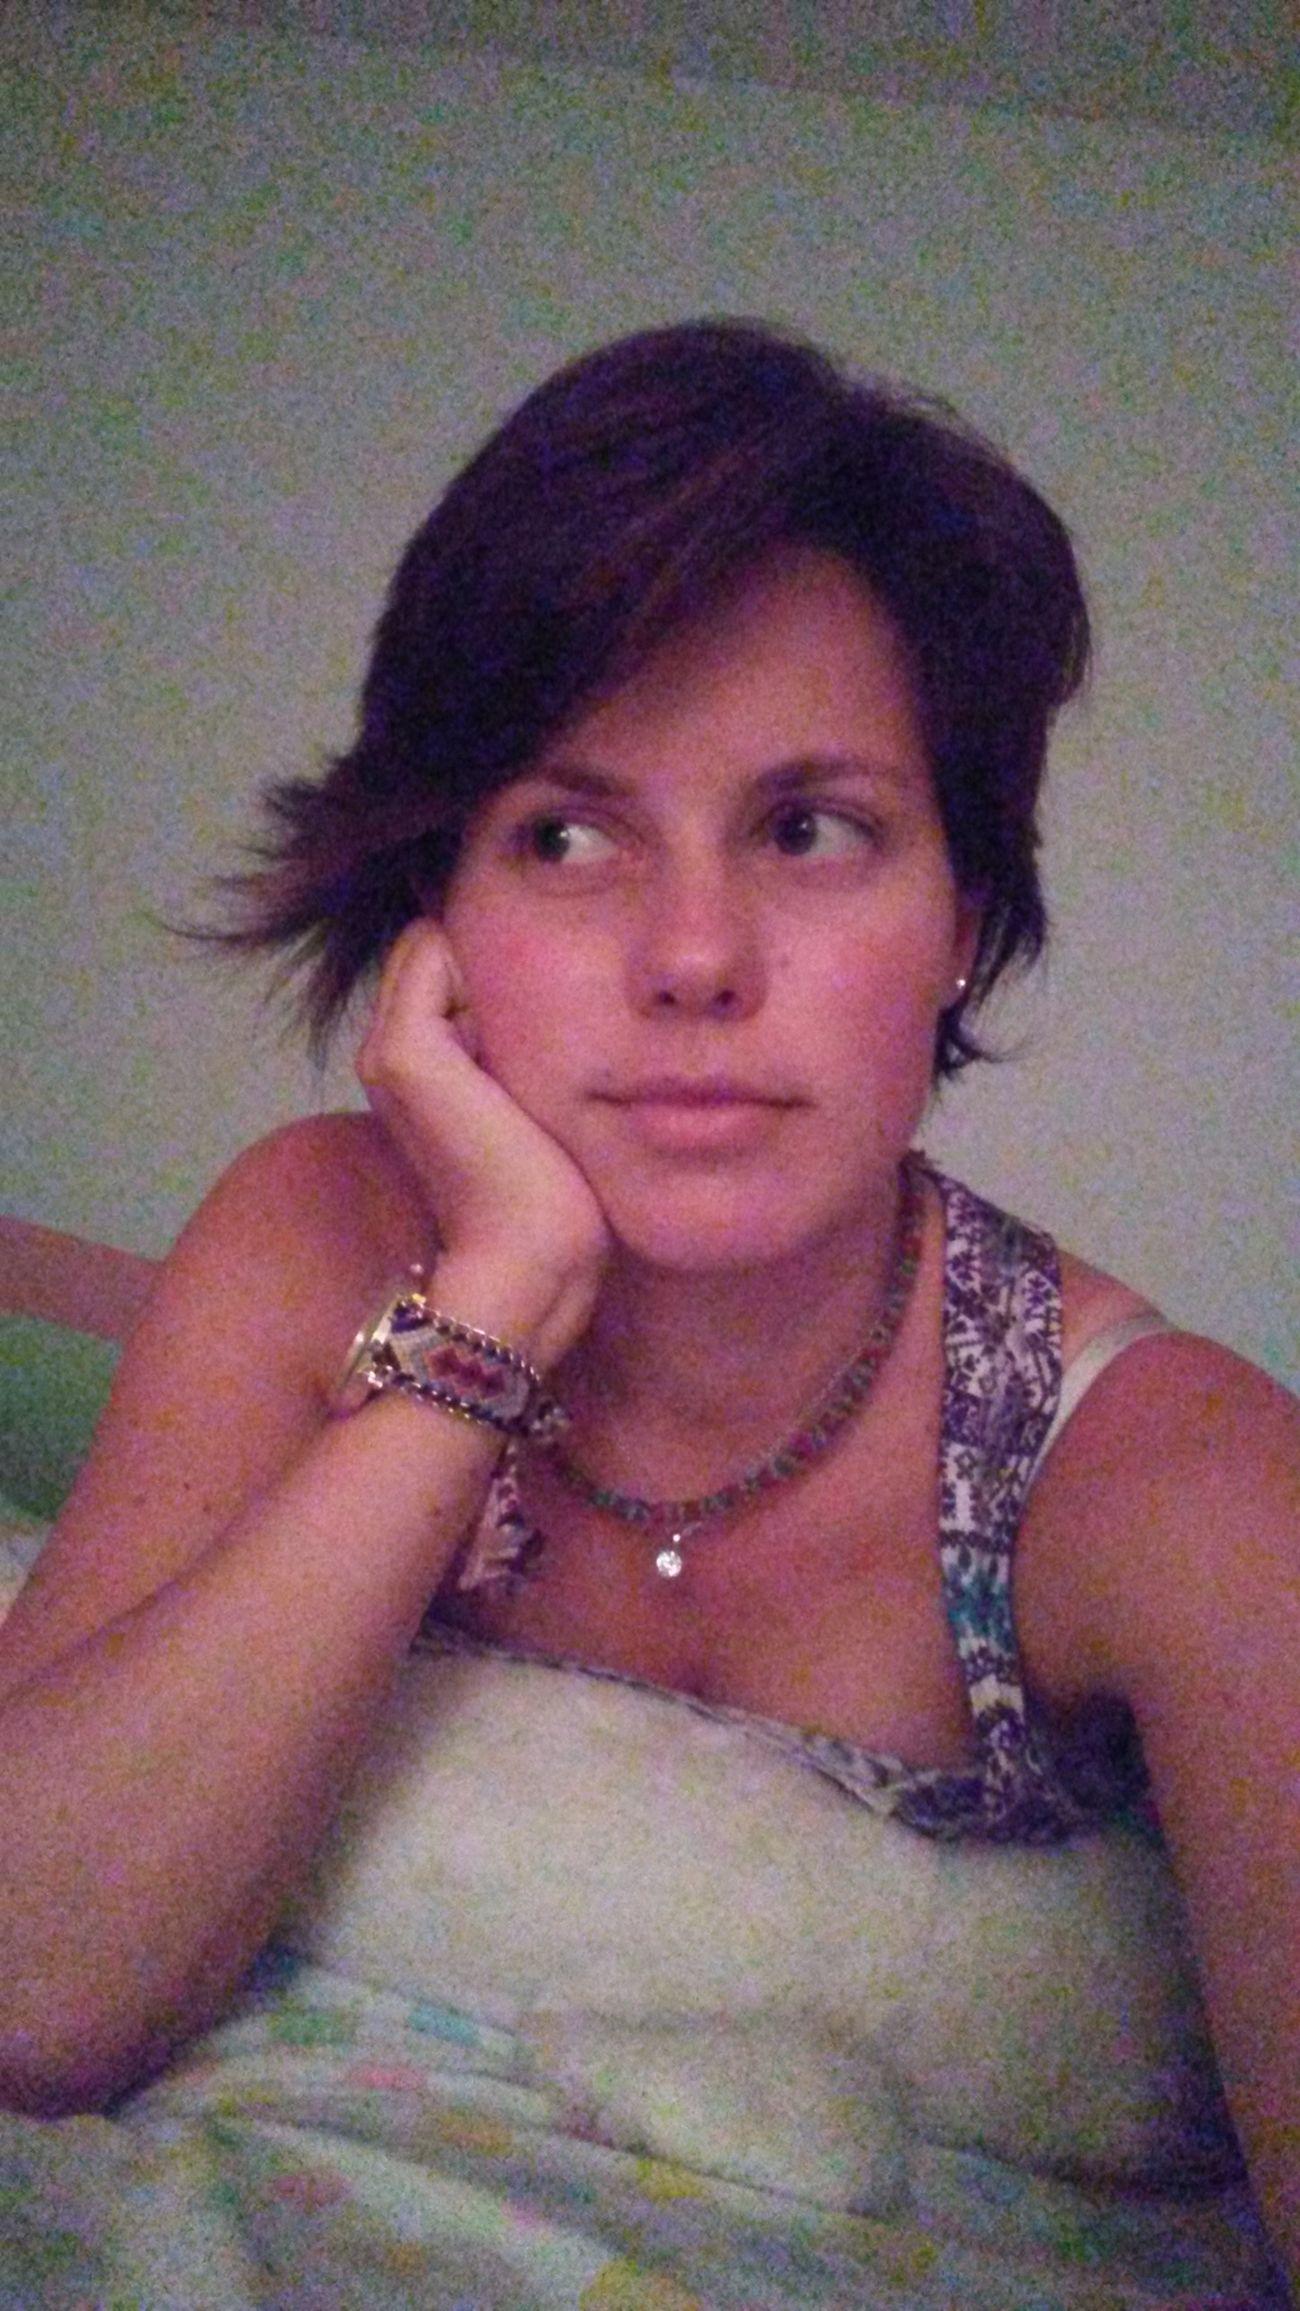 Front View Indoors  Necklace Selfie Women